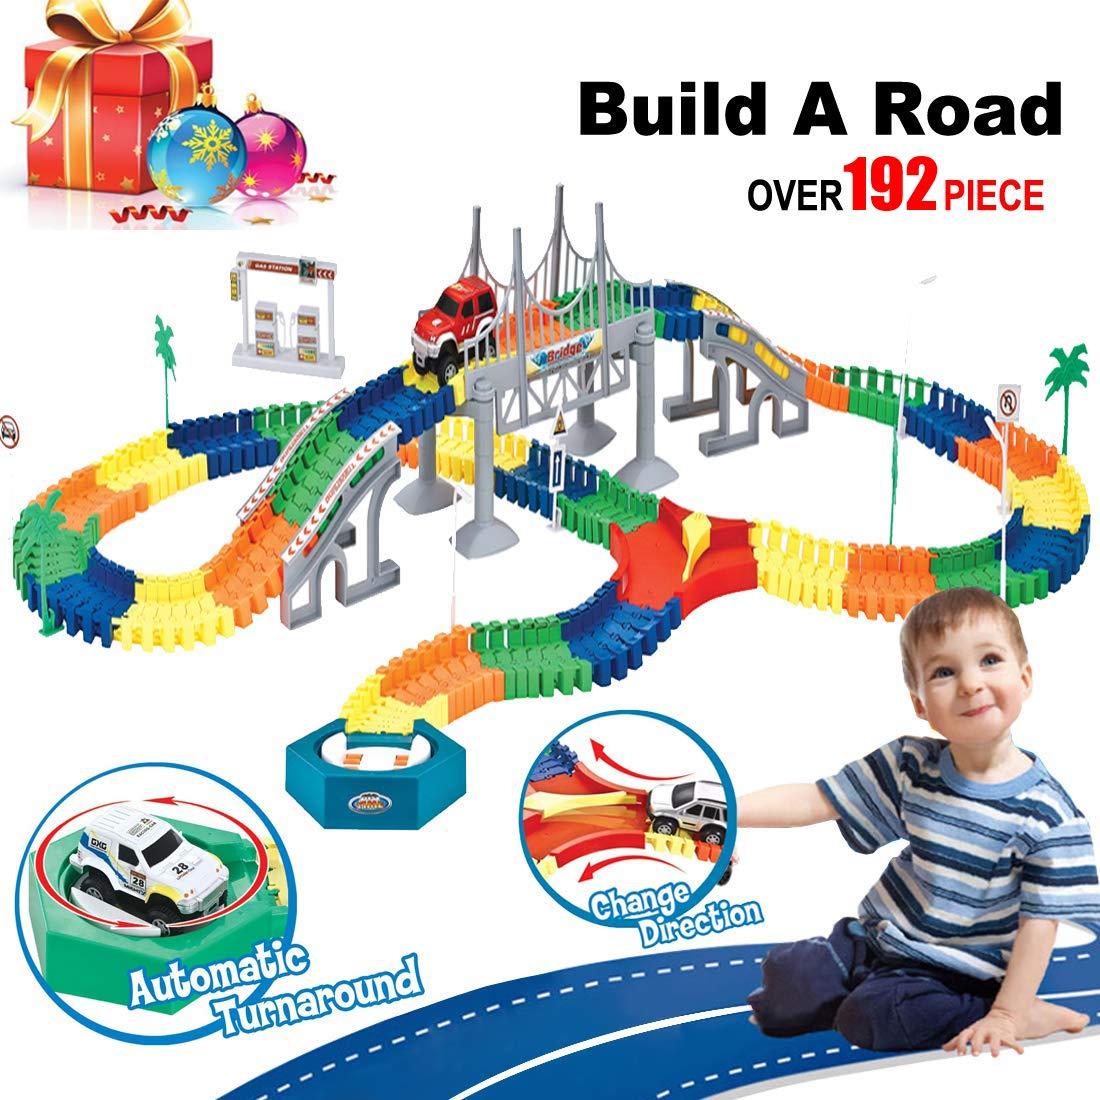 BooTaa 車レーストラック クルマの路面 恐竜 ジュラシックワールド おもちゃ ブリッジ 142ピース 柔軟なトラック、電車セット ゲーム、ギフト、子供、パーティー、幼児 GDC-GREEN-18-US B07HFRSH1Z Car Tracks-192 Piece